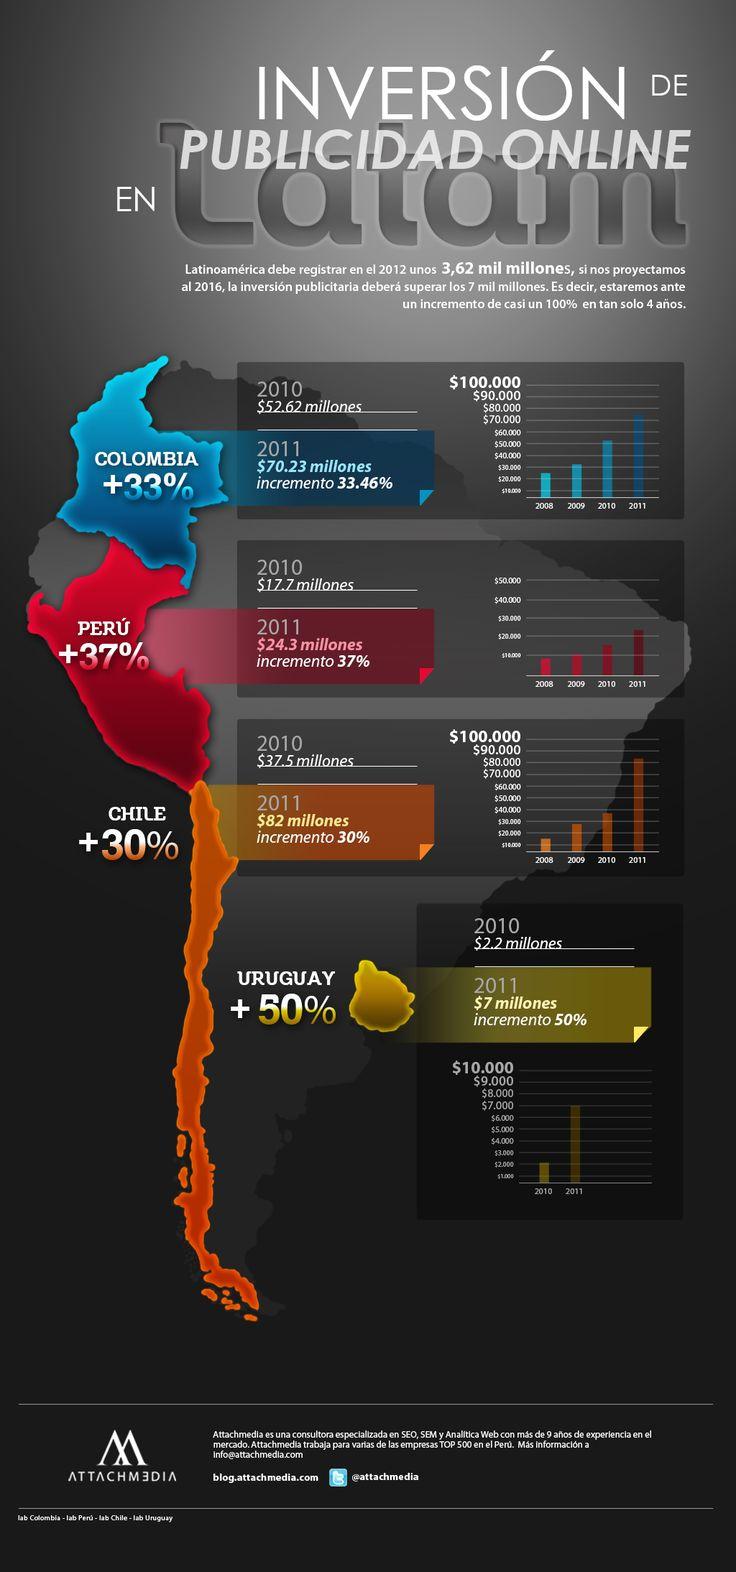 Inversión en publicidad online en Latinoamérica #infografia